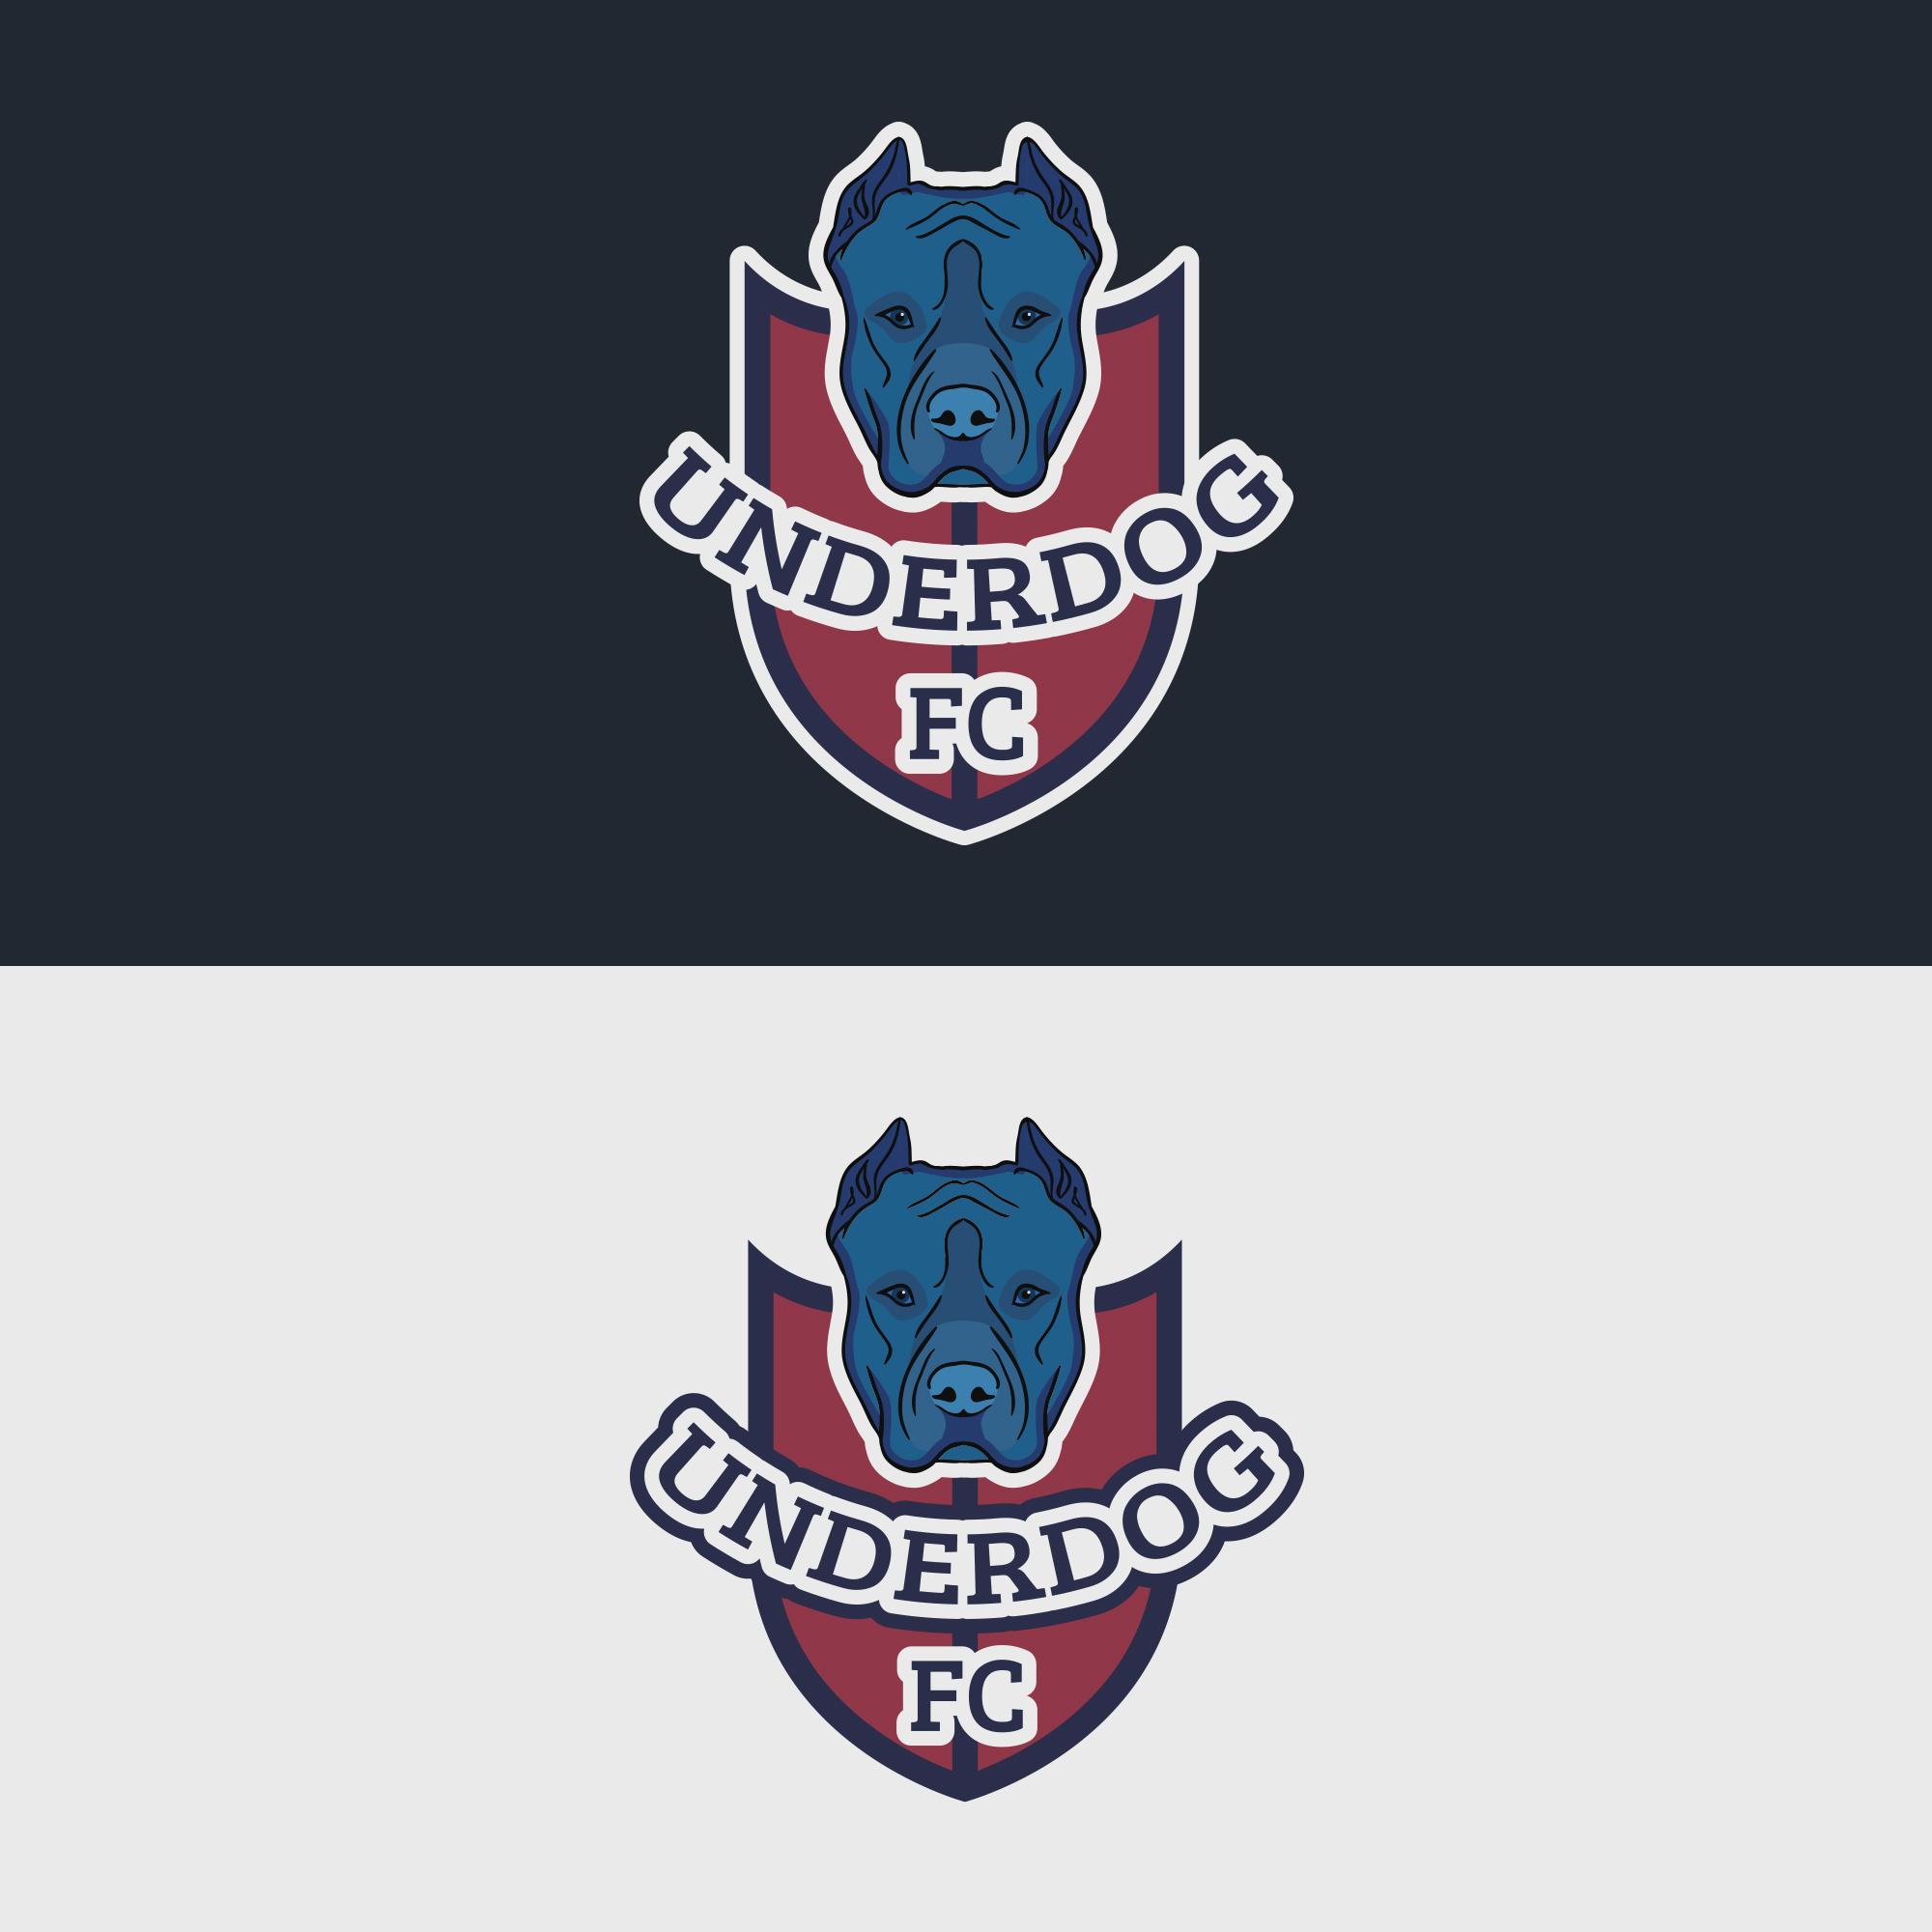 Футбольный клуб UNDERDOG - разработать фирстиль и бренд-бук фото f_1235caf51dee35b7.jpg